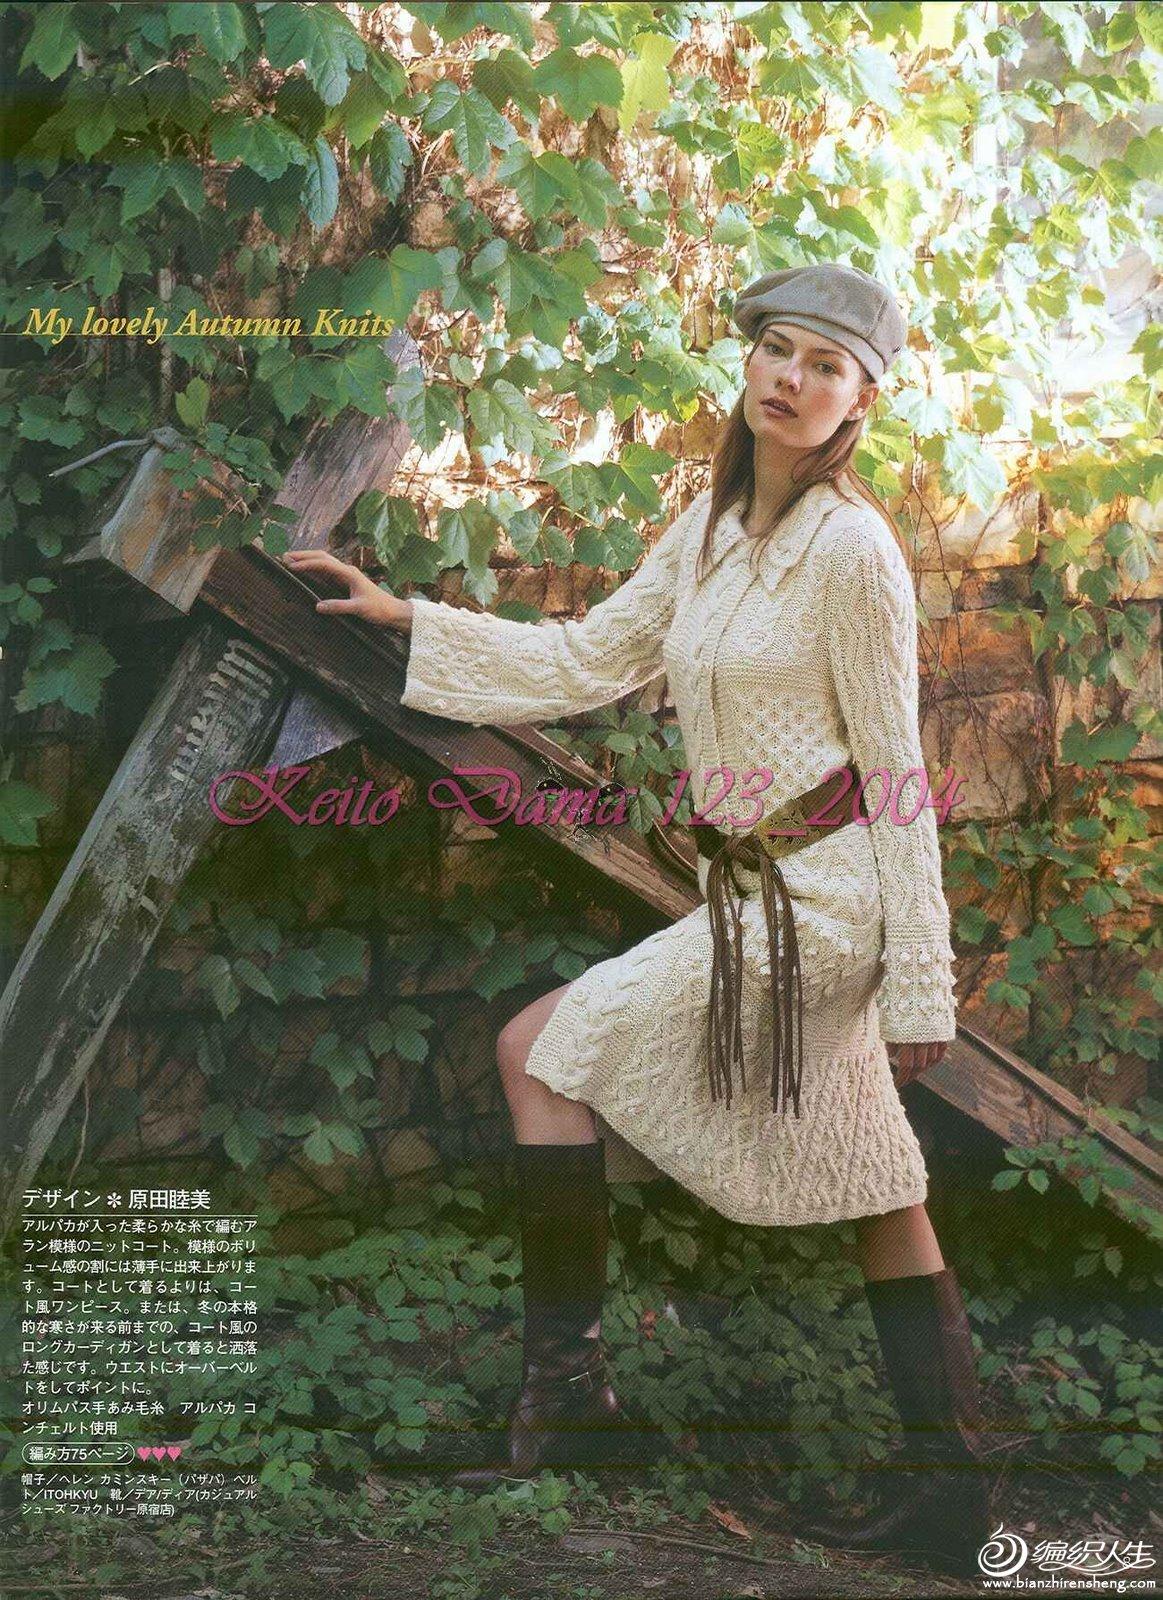 Keito Dama 123_2004 007.jpg